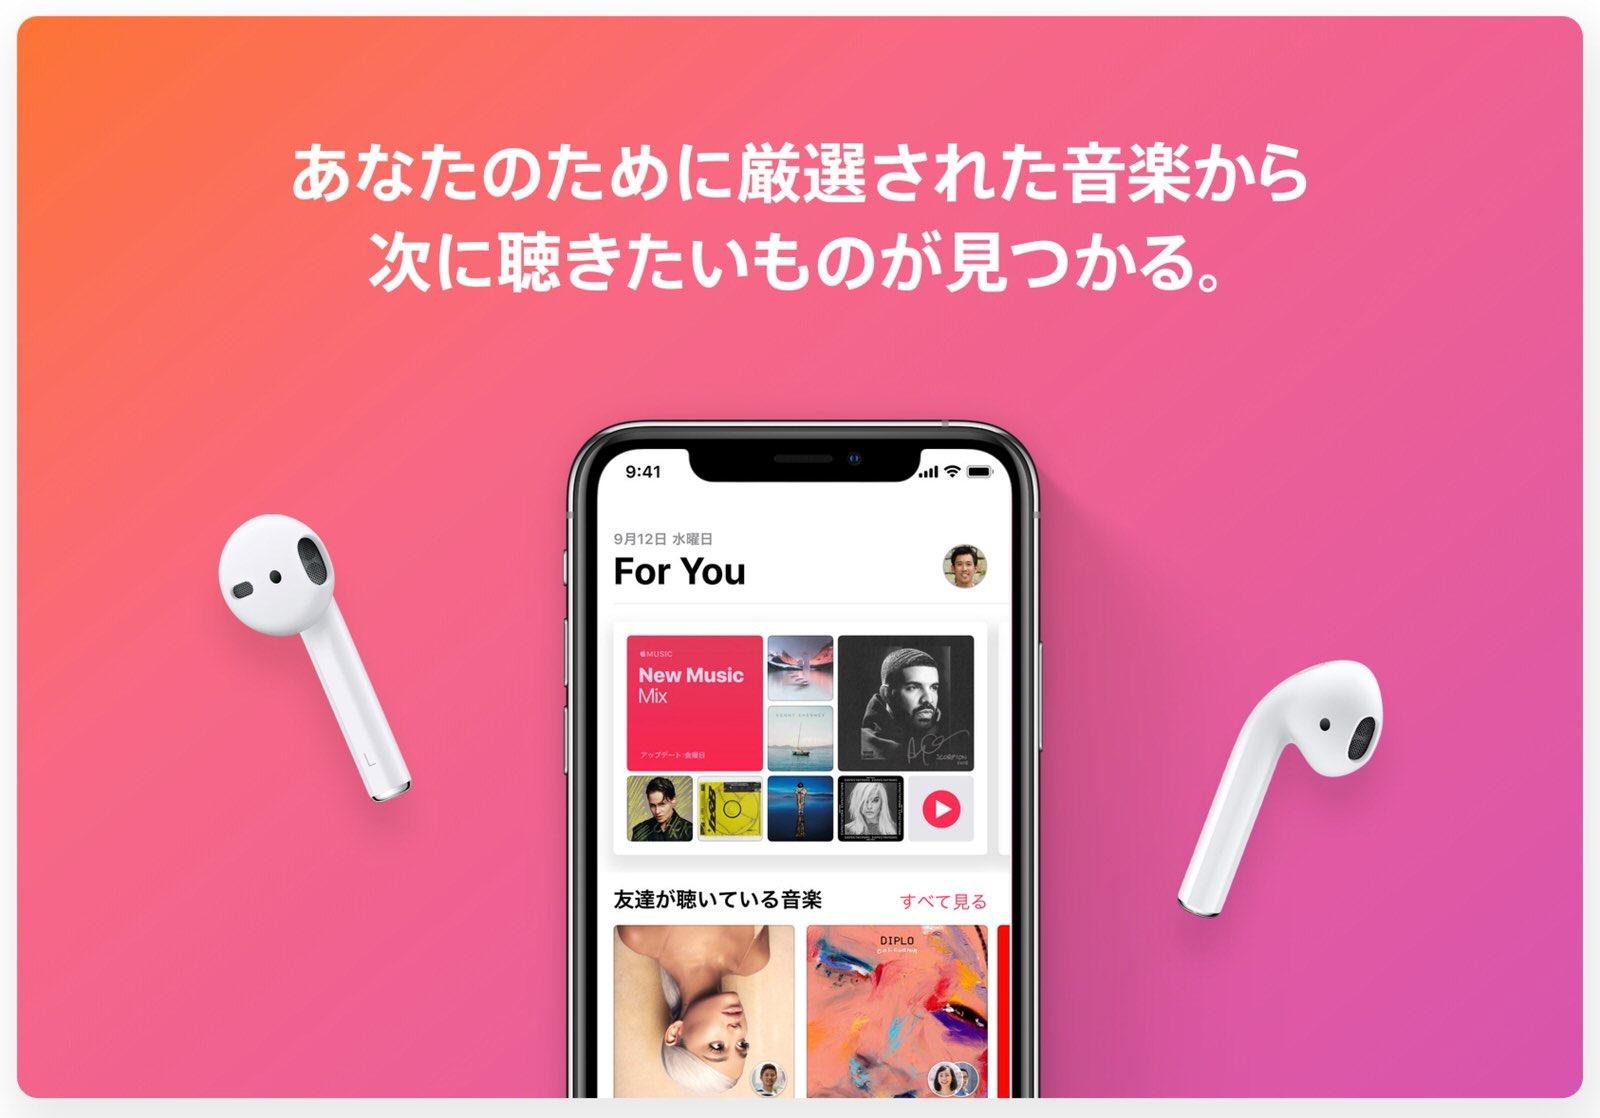 Apple Music ファミリープラン-1